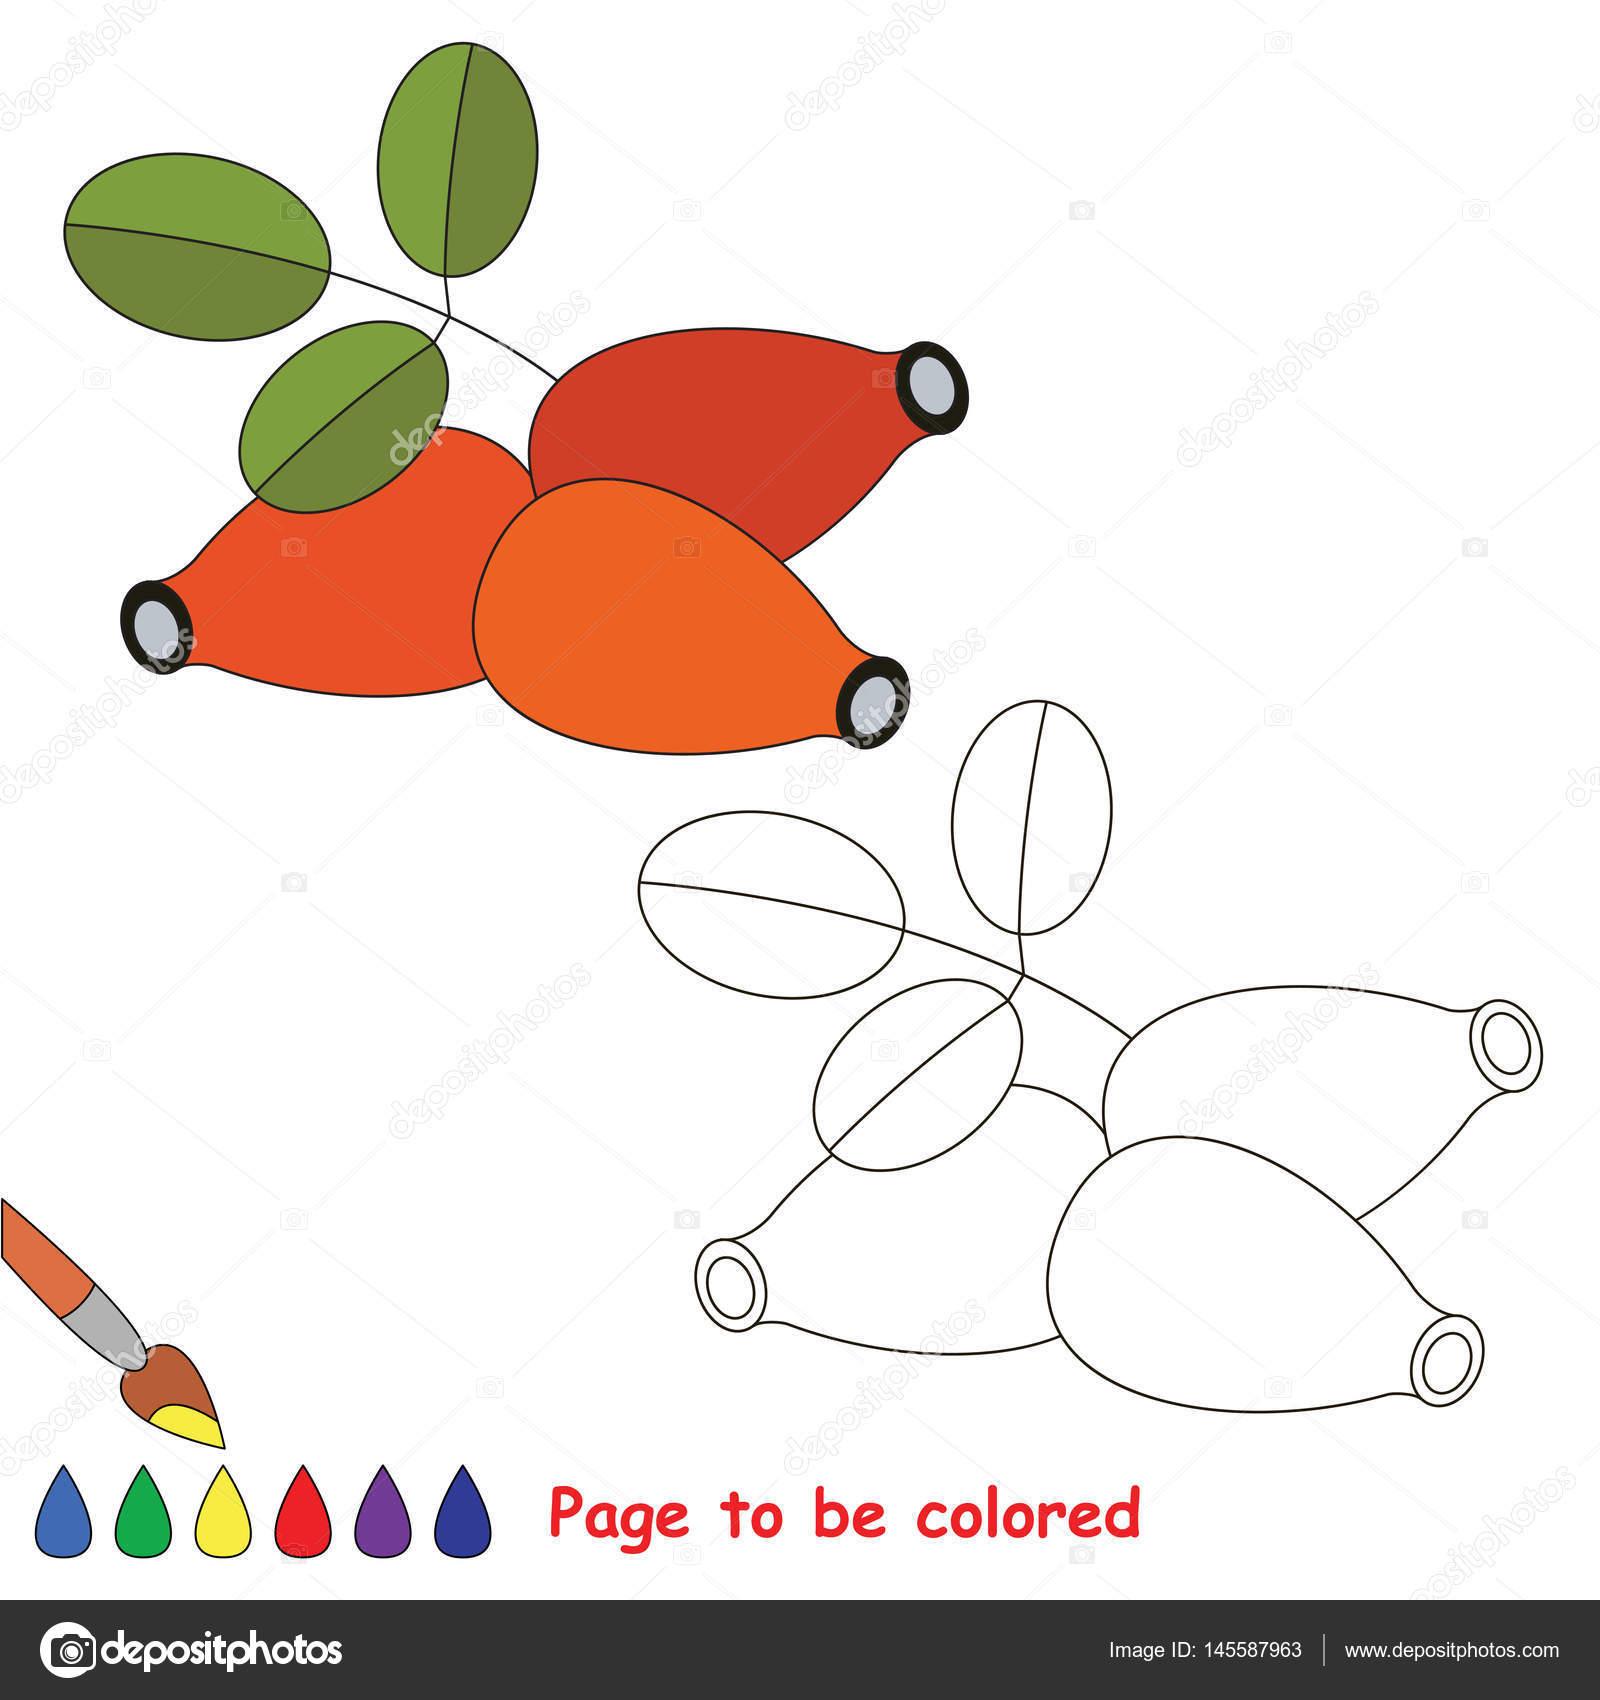 çocuk Oyun Renklendirme Renkli Olması Için Eğitim Sayfası Stok